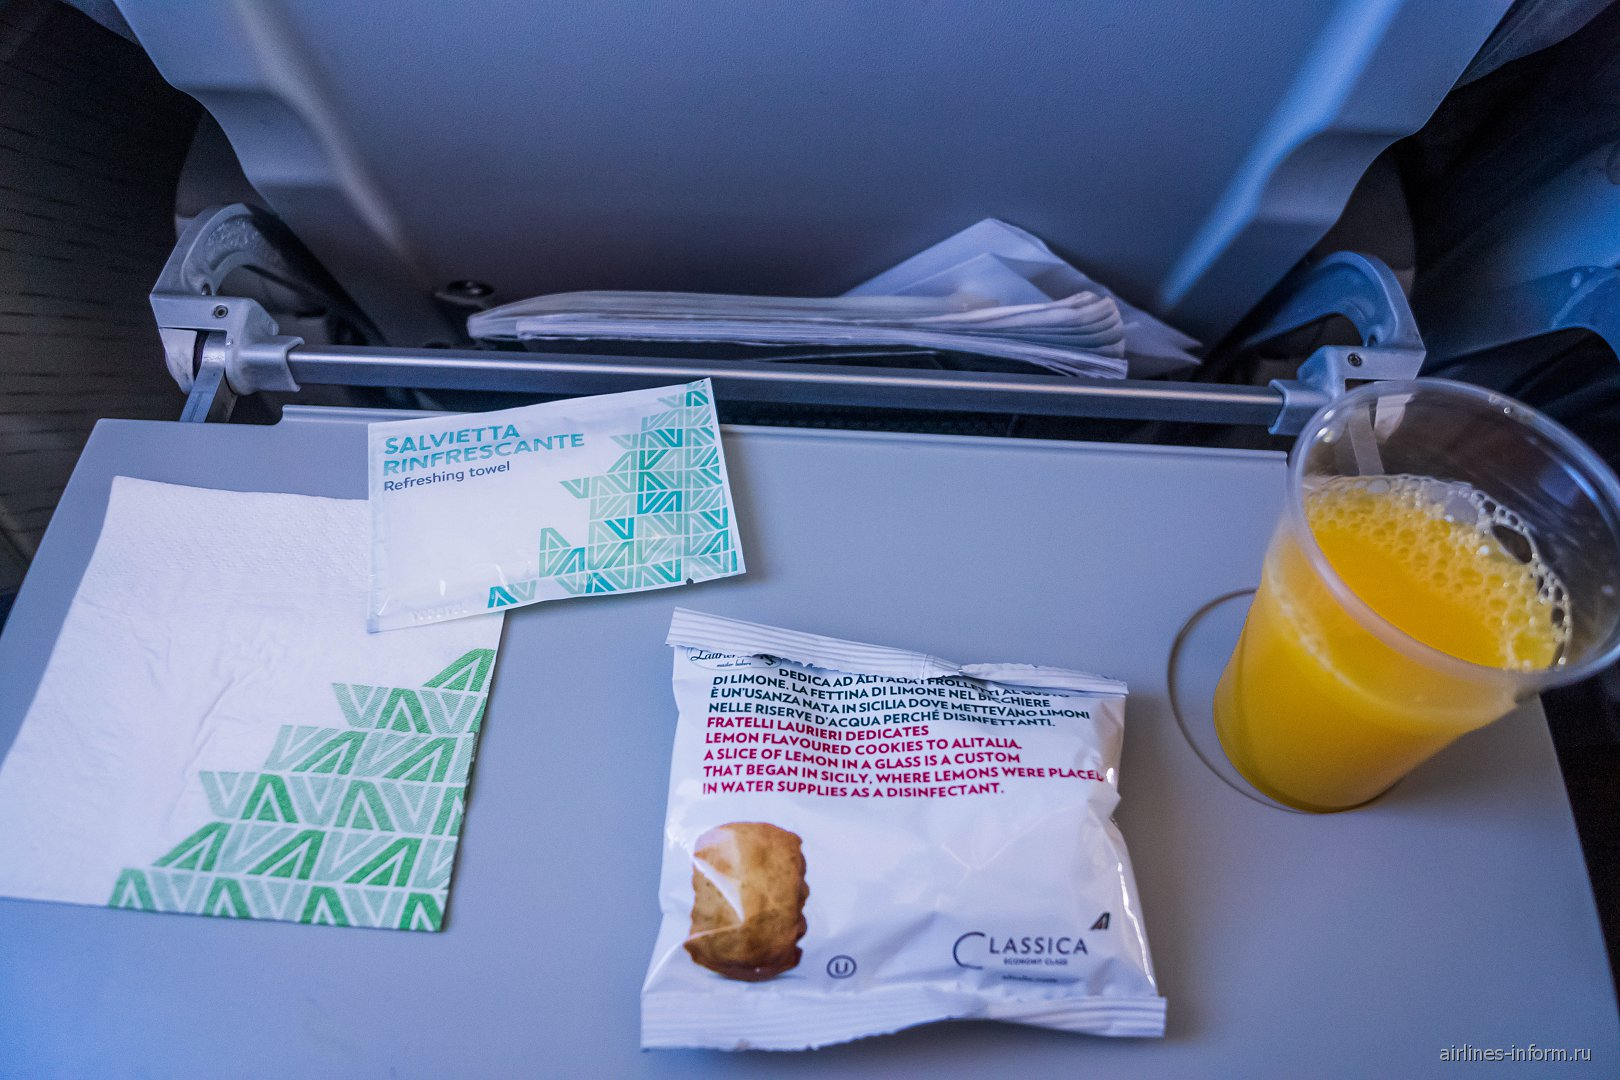 Печенье и напитки - питание на рейсе Alitalia Рим-Катания